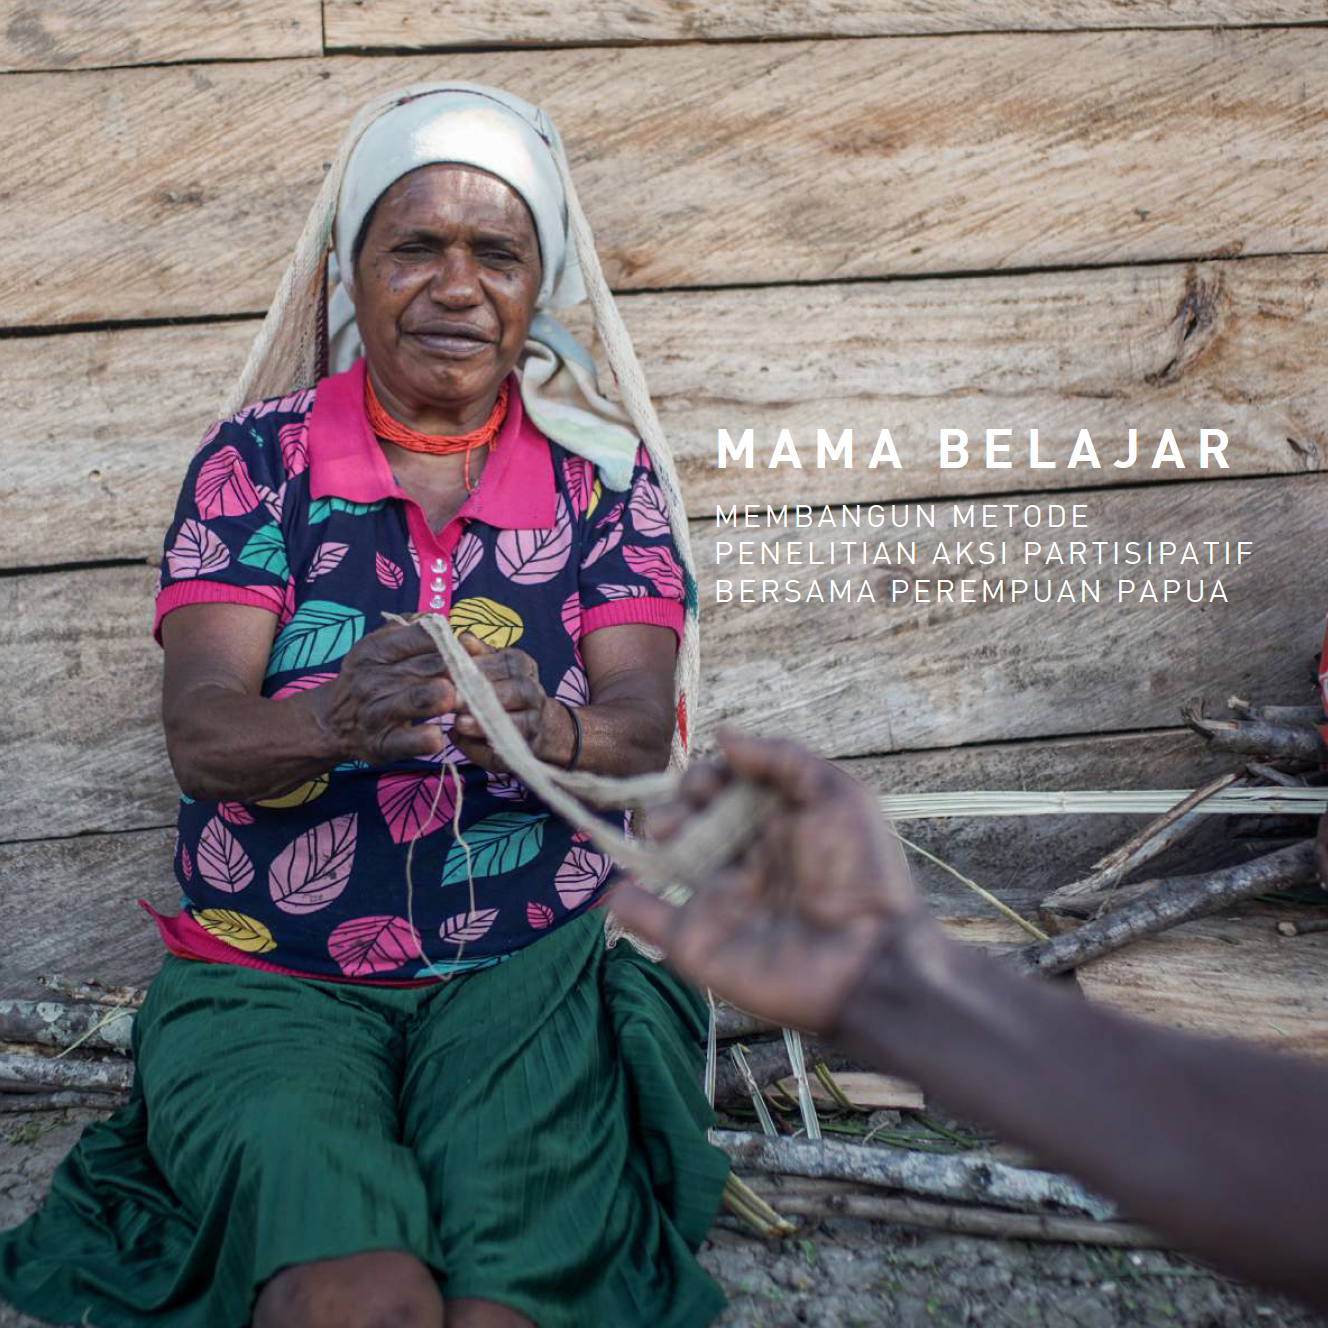 Mama Belajar: Membangun Metode Penelitian Aksi Partisipatif Bersama Perempuan Papua